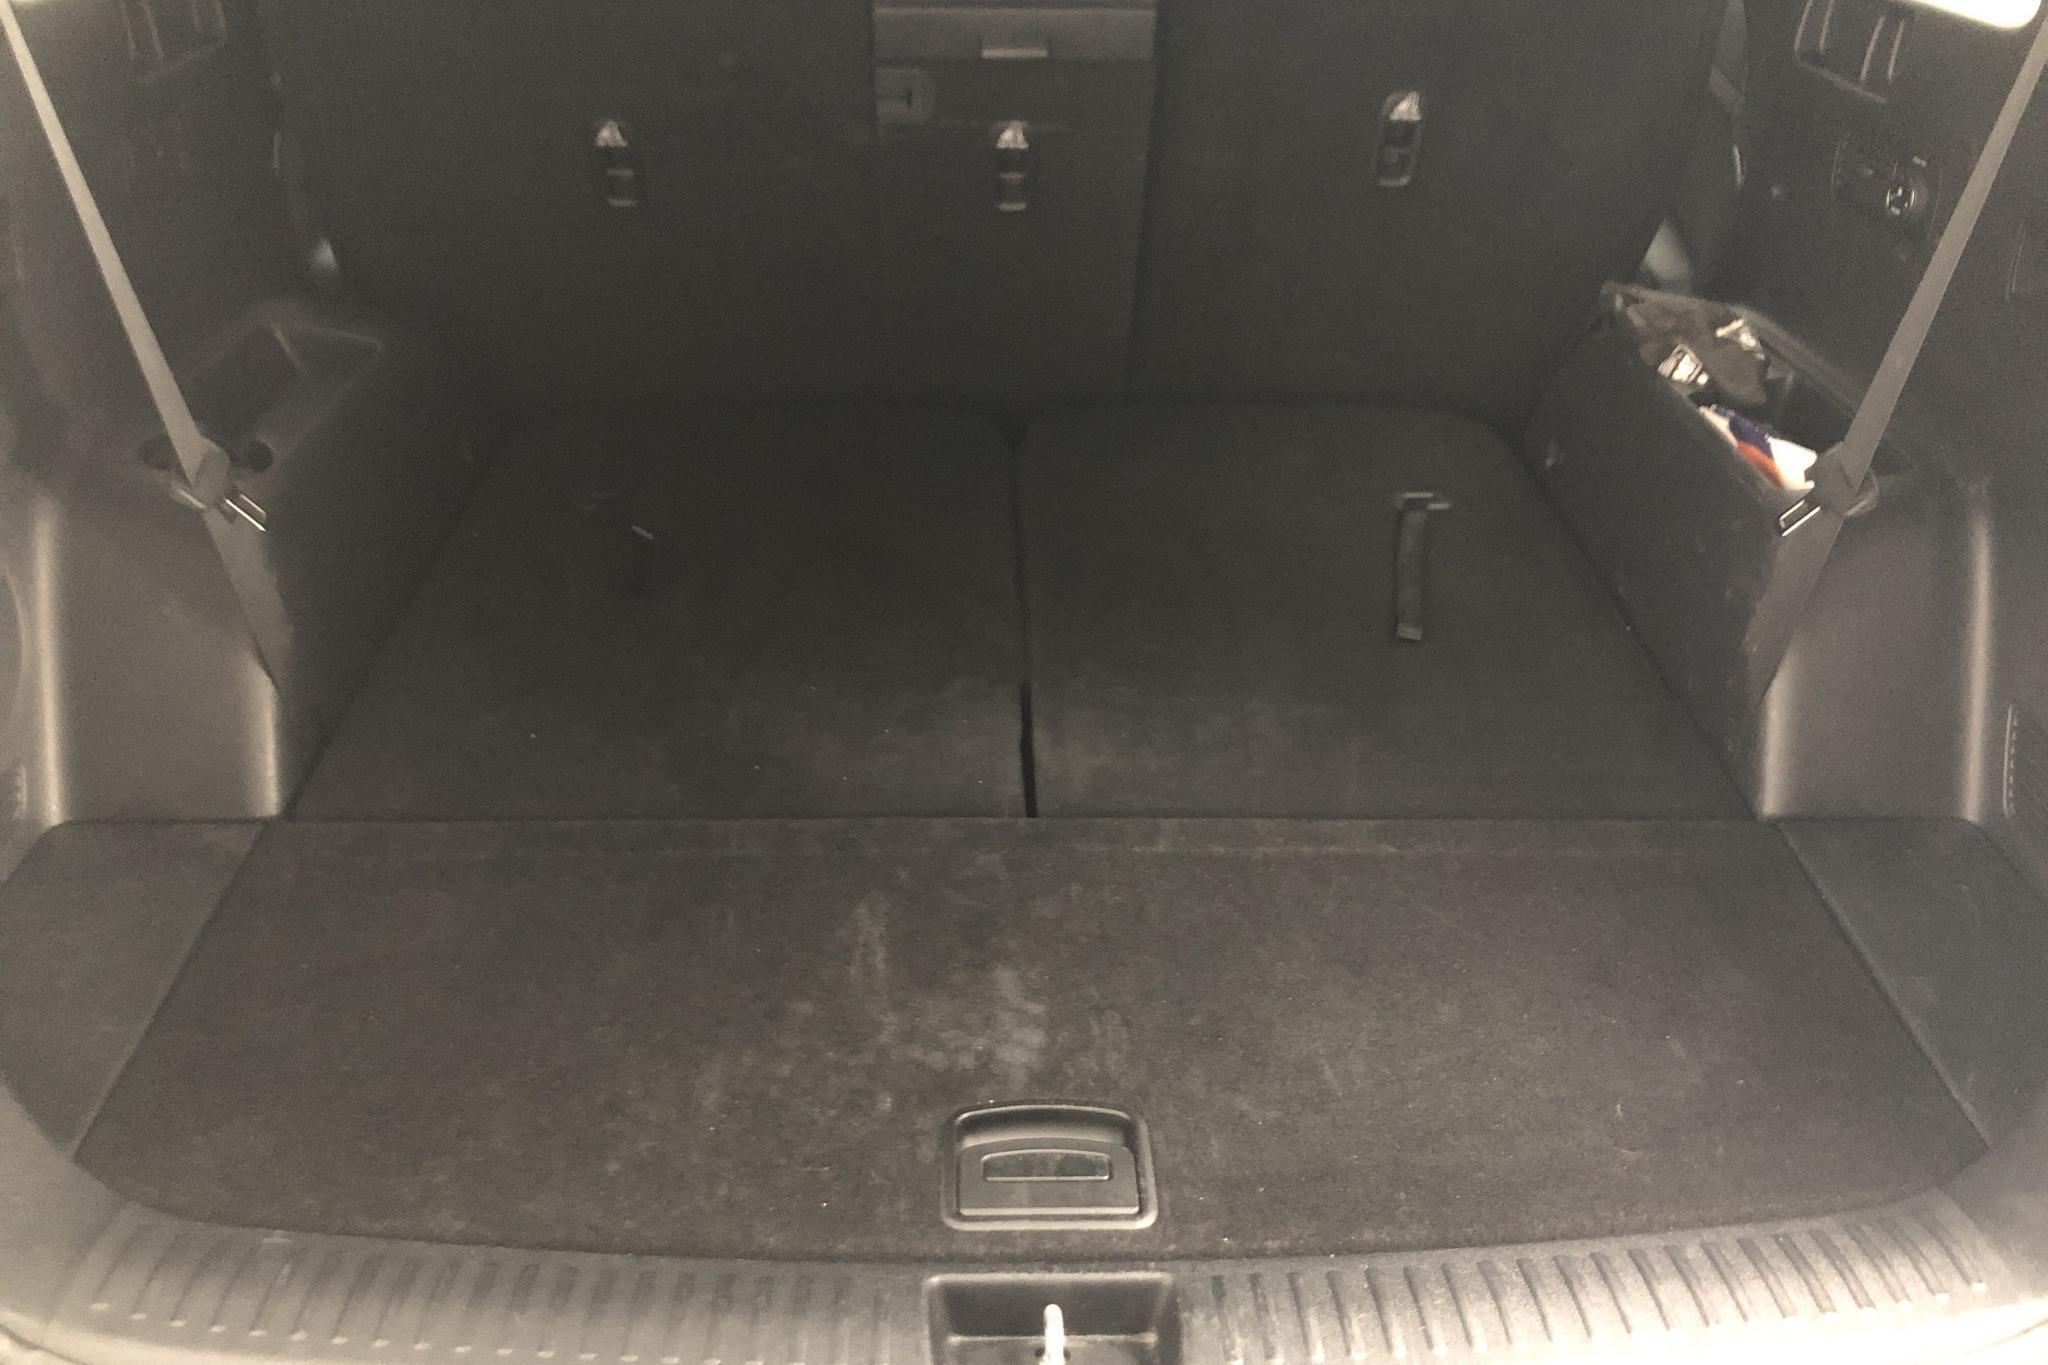 KIA Sorento 2.2 CRDi (200hk) - 18 564 mil - Automat - vit - 2017